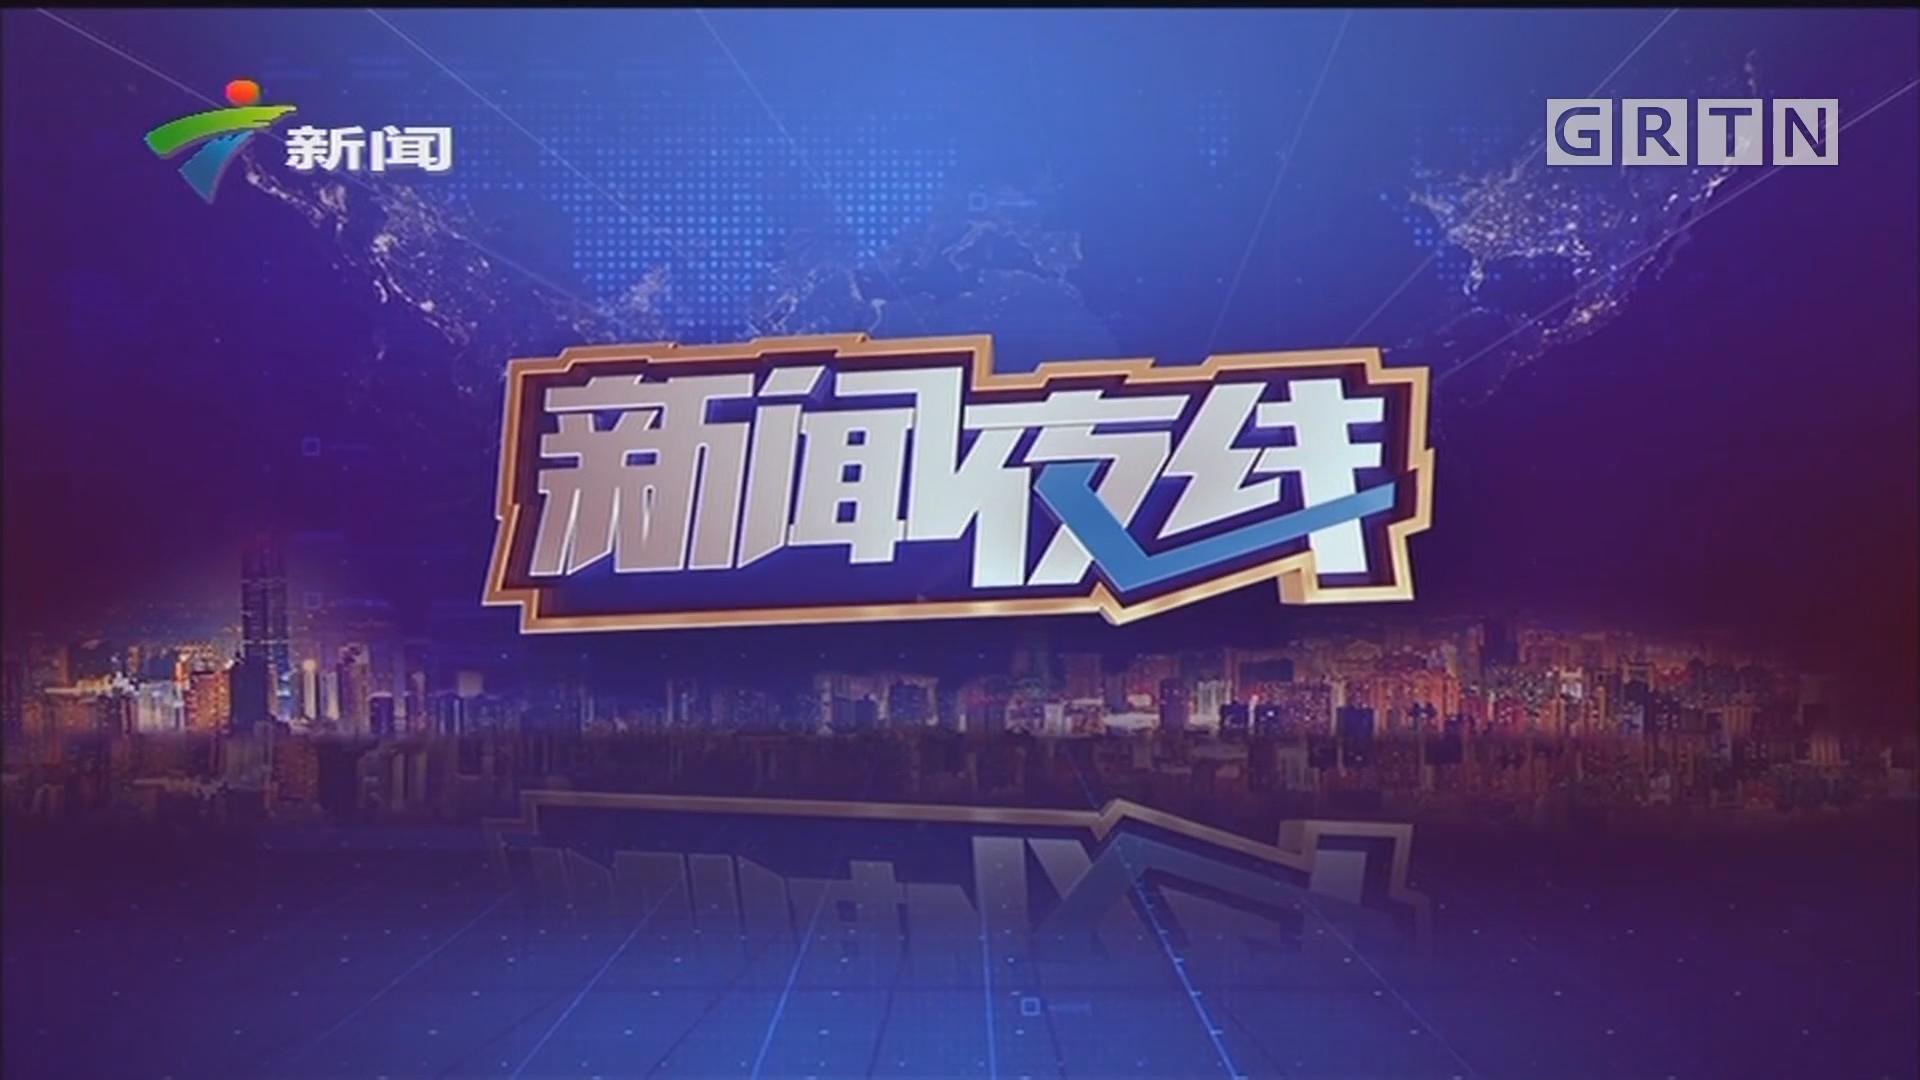 [HD][2019-08-14]新聞夜線:國務院港澳辦強烈譴責香港機場嚴重暴力行徑